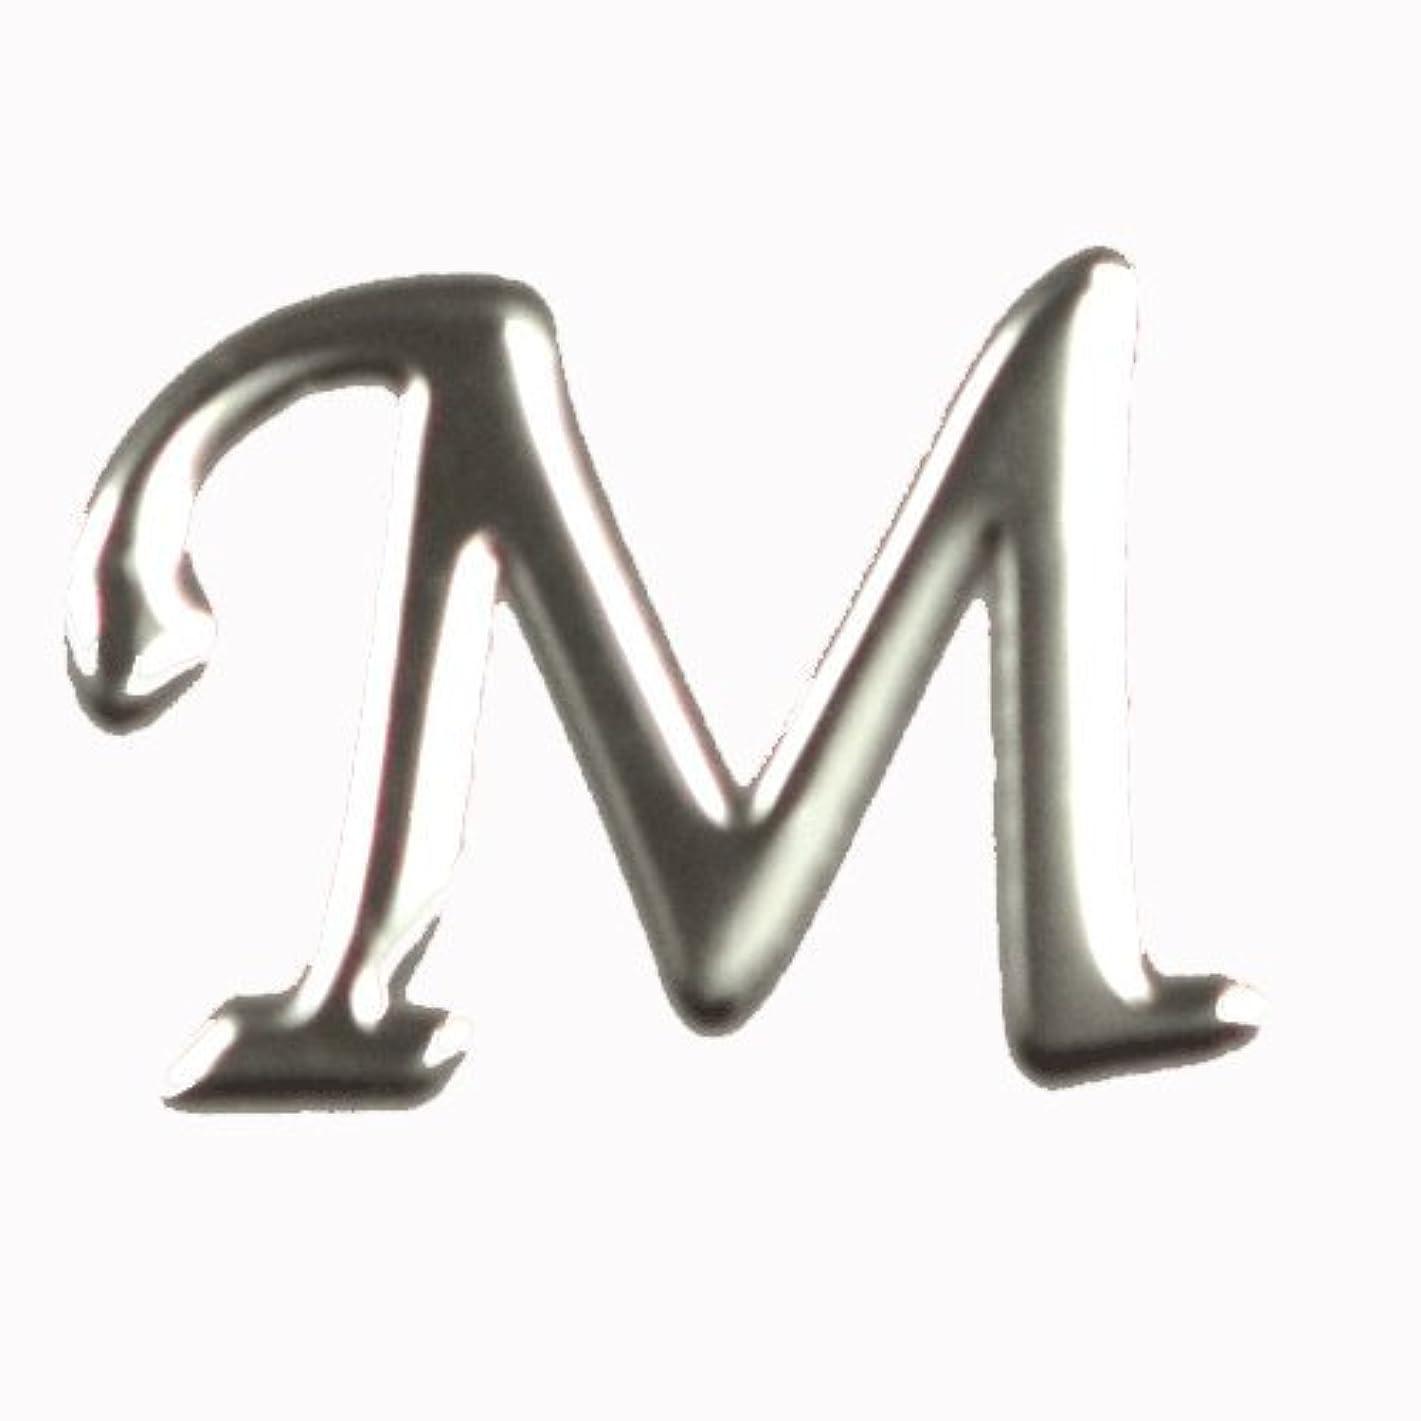 抜本的な本部幻滅するアルファベット 薄型メタルパーツ 20枚 /片面仕上げ イニシャルパーツ SILVER (M / 5x7mm)